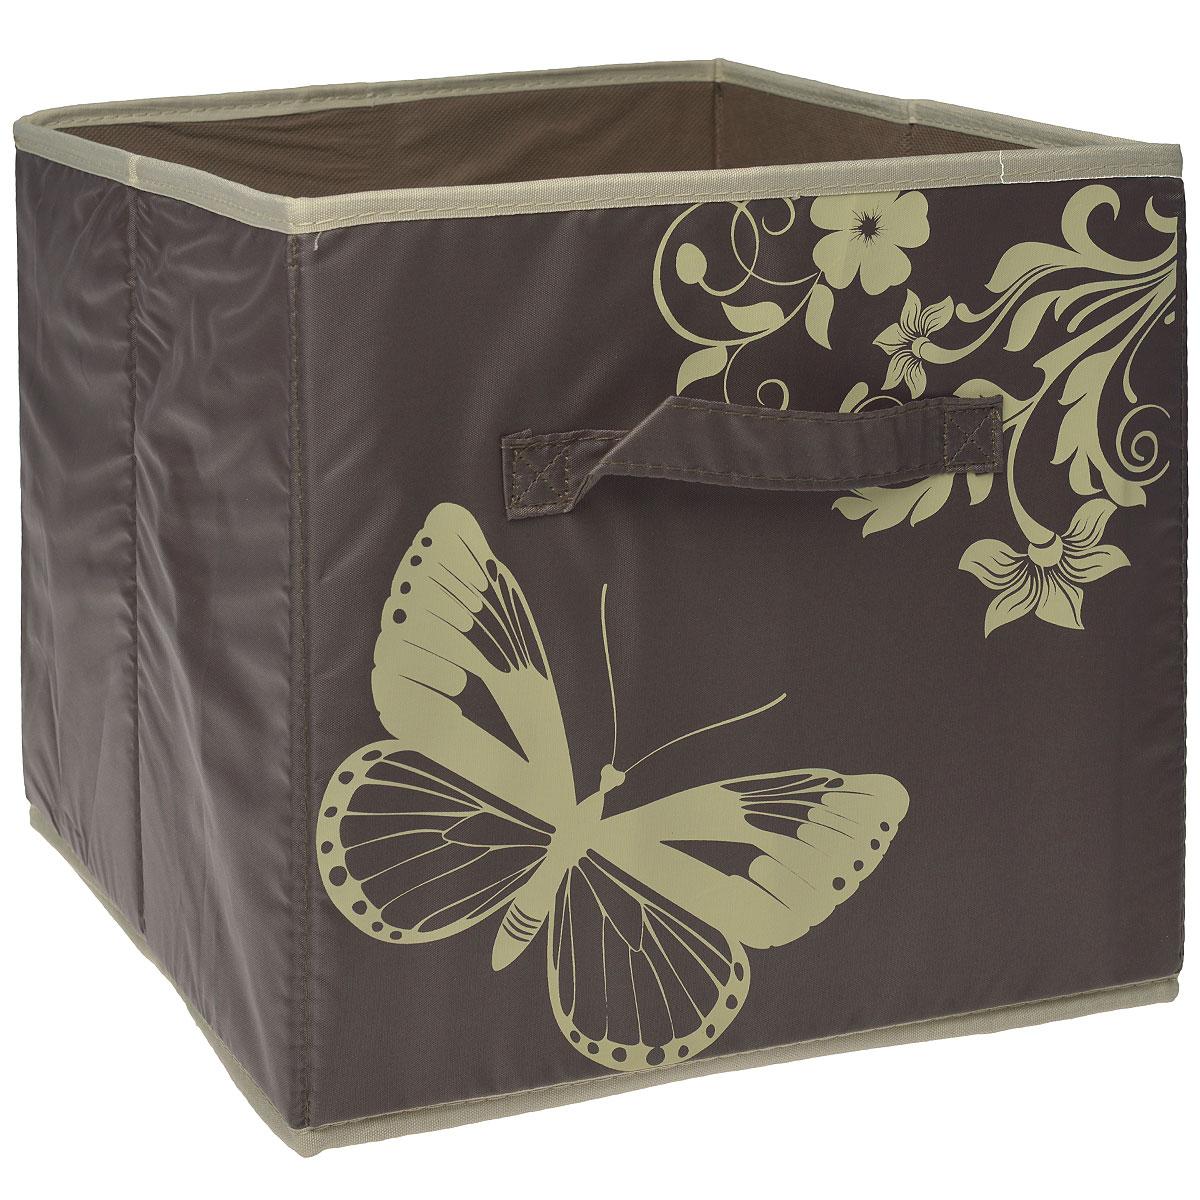 Ящик для хранения Hausmann, без крышки, цвет: коричневый, 31 x 34 x 29,5 смFA-5125 WhiteЯщик для хранения Hausmann выполнен из высококачественного нетканого волокна и полиэстера и декорирован изображением бабочек. Во внутрь стенок вставлен плотный картон, благодаря которому ящик сохраняет свою форму. Особая конструкция позволяет при необходимости быстро сложить или разложить ящик. Такой ящик сэкономит место и сохранит порядок в доме. Материал: нетканое волокно, полиэстер, картон.